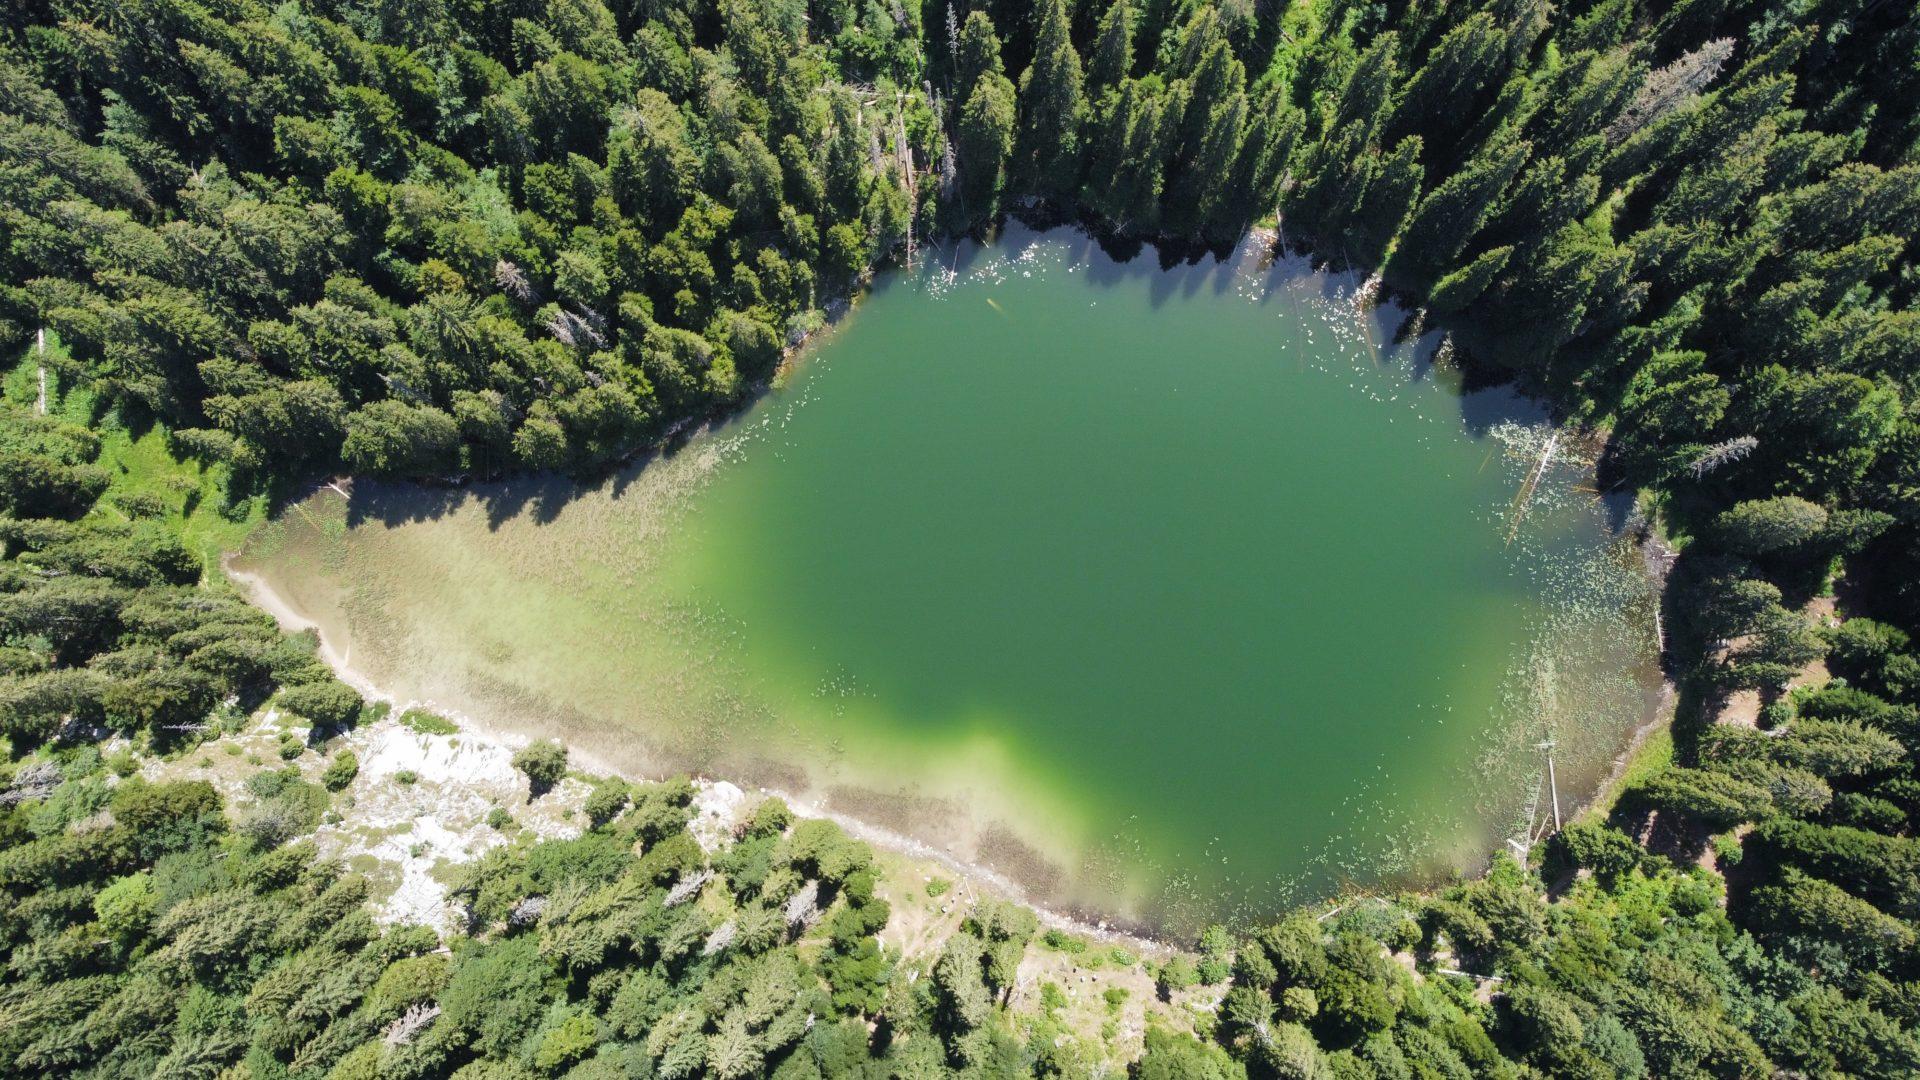 Photo drone Monténégro : Lac de montagne aux couleurs magiques photographié en juillet 2021 avec un Drone DJI Mini2